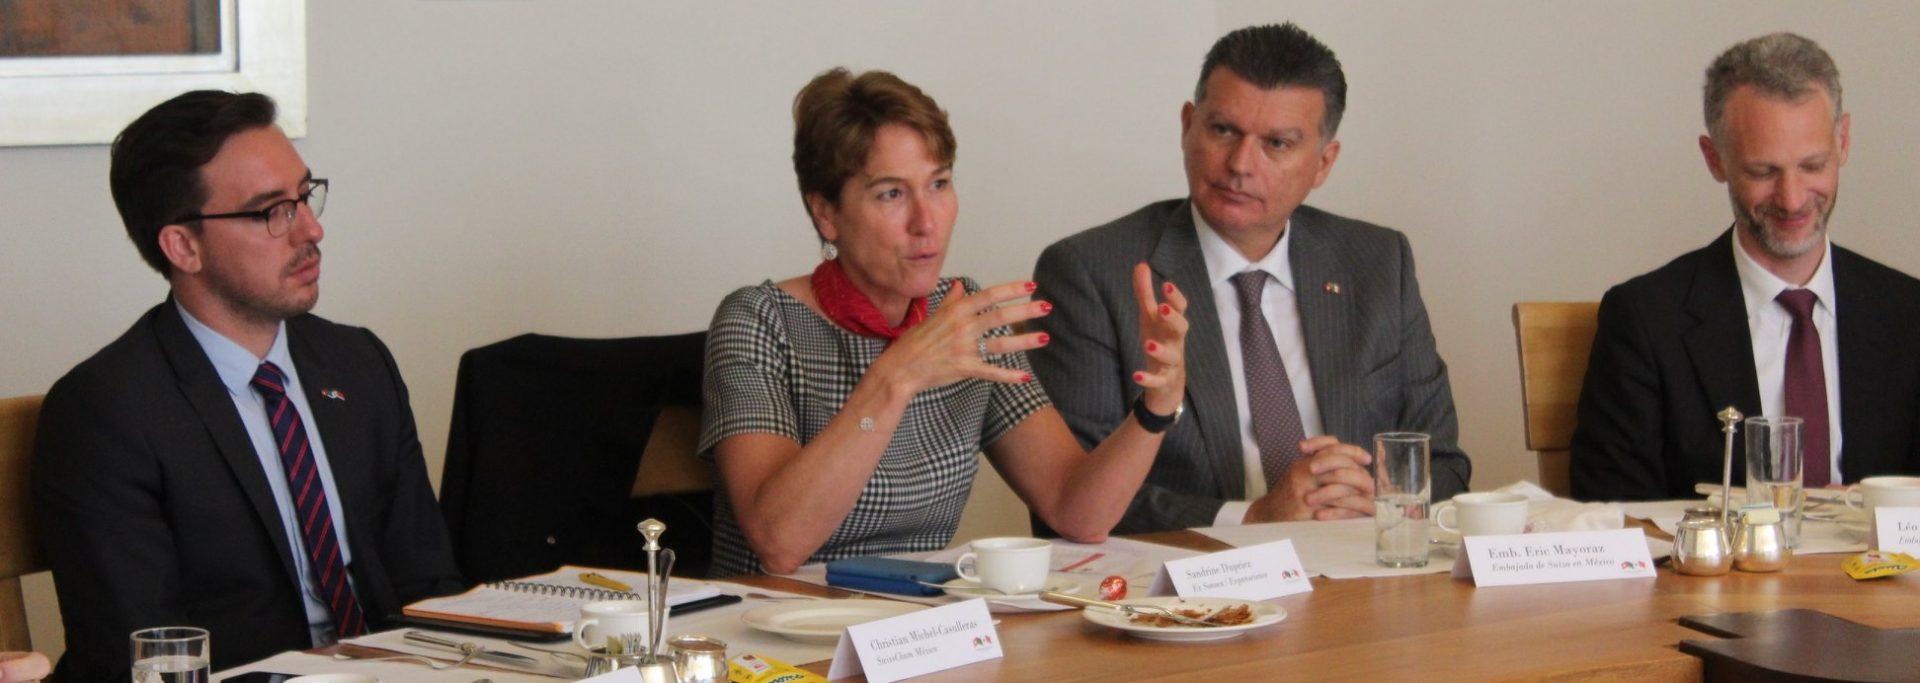 Desayuno con el nuevo Embajador y Jefe de Misión Adjunto de Suiza